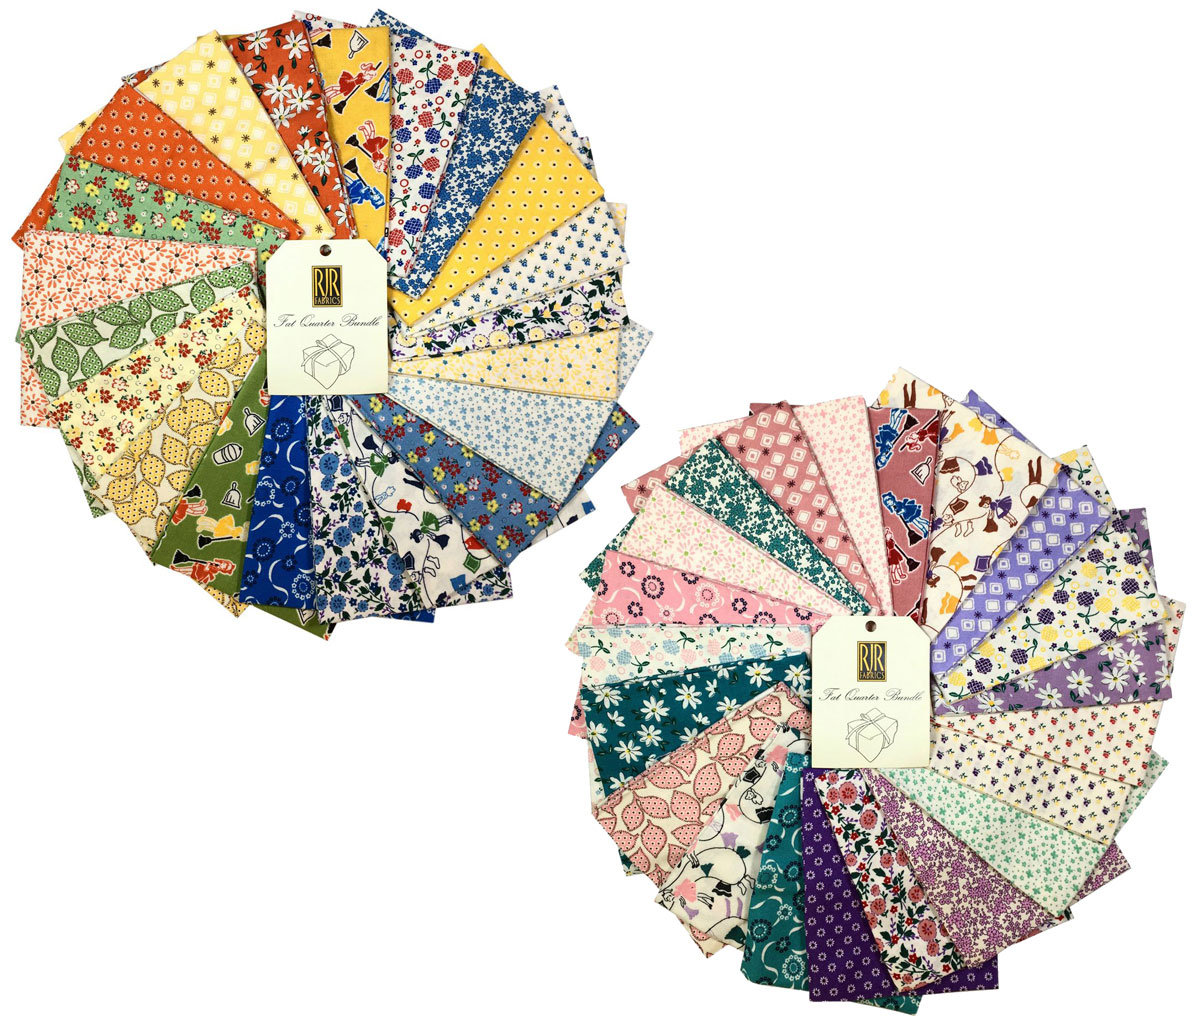 """Очаровательный набор лоскутов из хлопка """"RJR"""" используется для лоскутного шитья, пэчворка, домашнего декора, скрапбукинга и т.п. Набор состоит из 42 лоскутов по 45 х 55 см."""